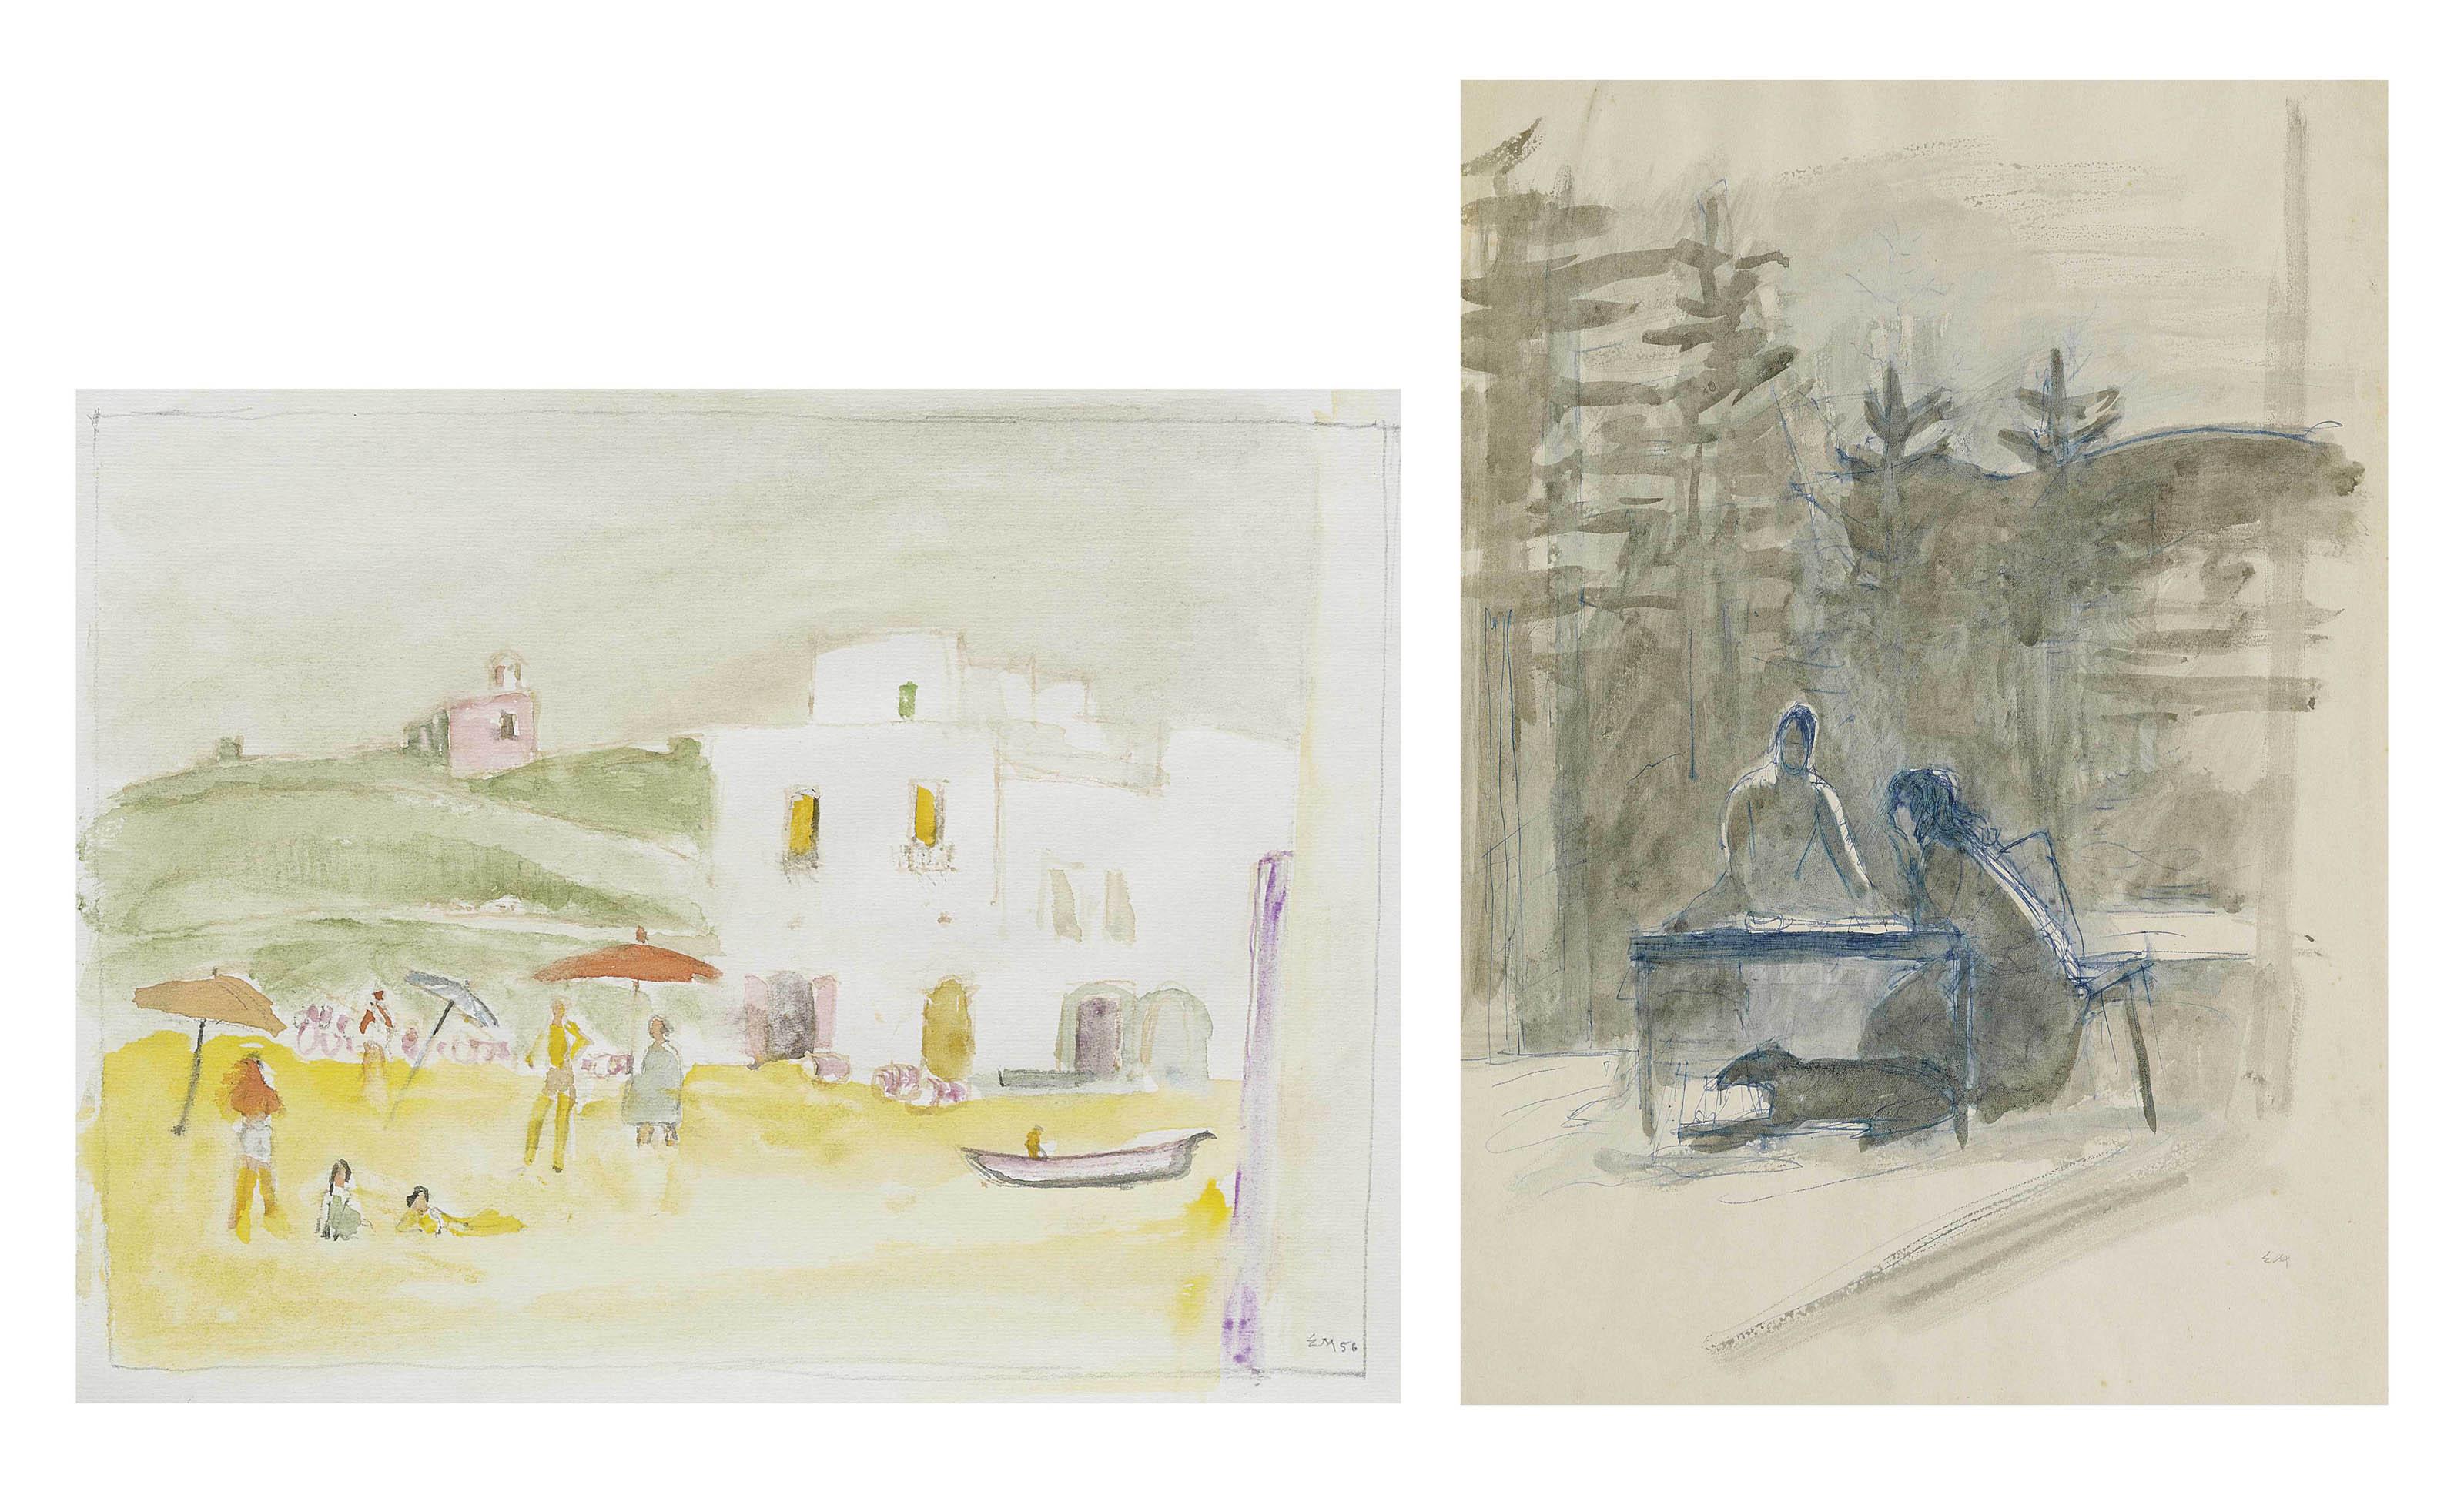 Sammelnummer von zwei Werken: Forio, Ischia, 1956  Auf der Terrasse (rückseitig: Frau auf Bank)